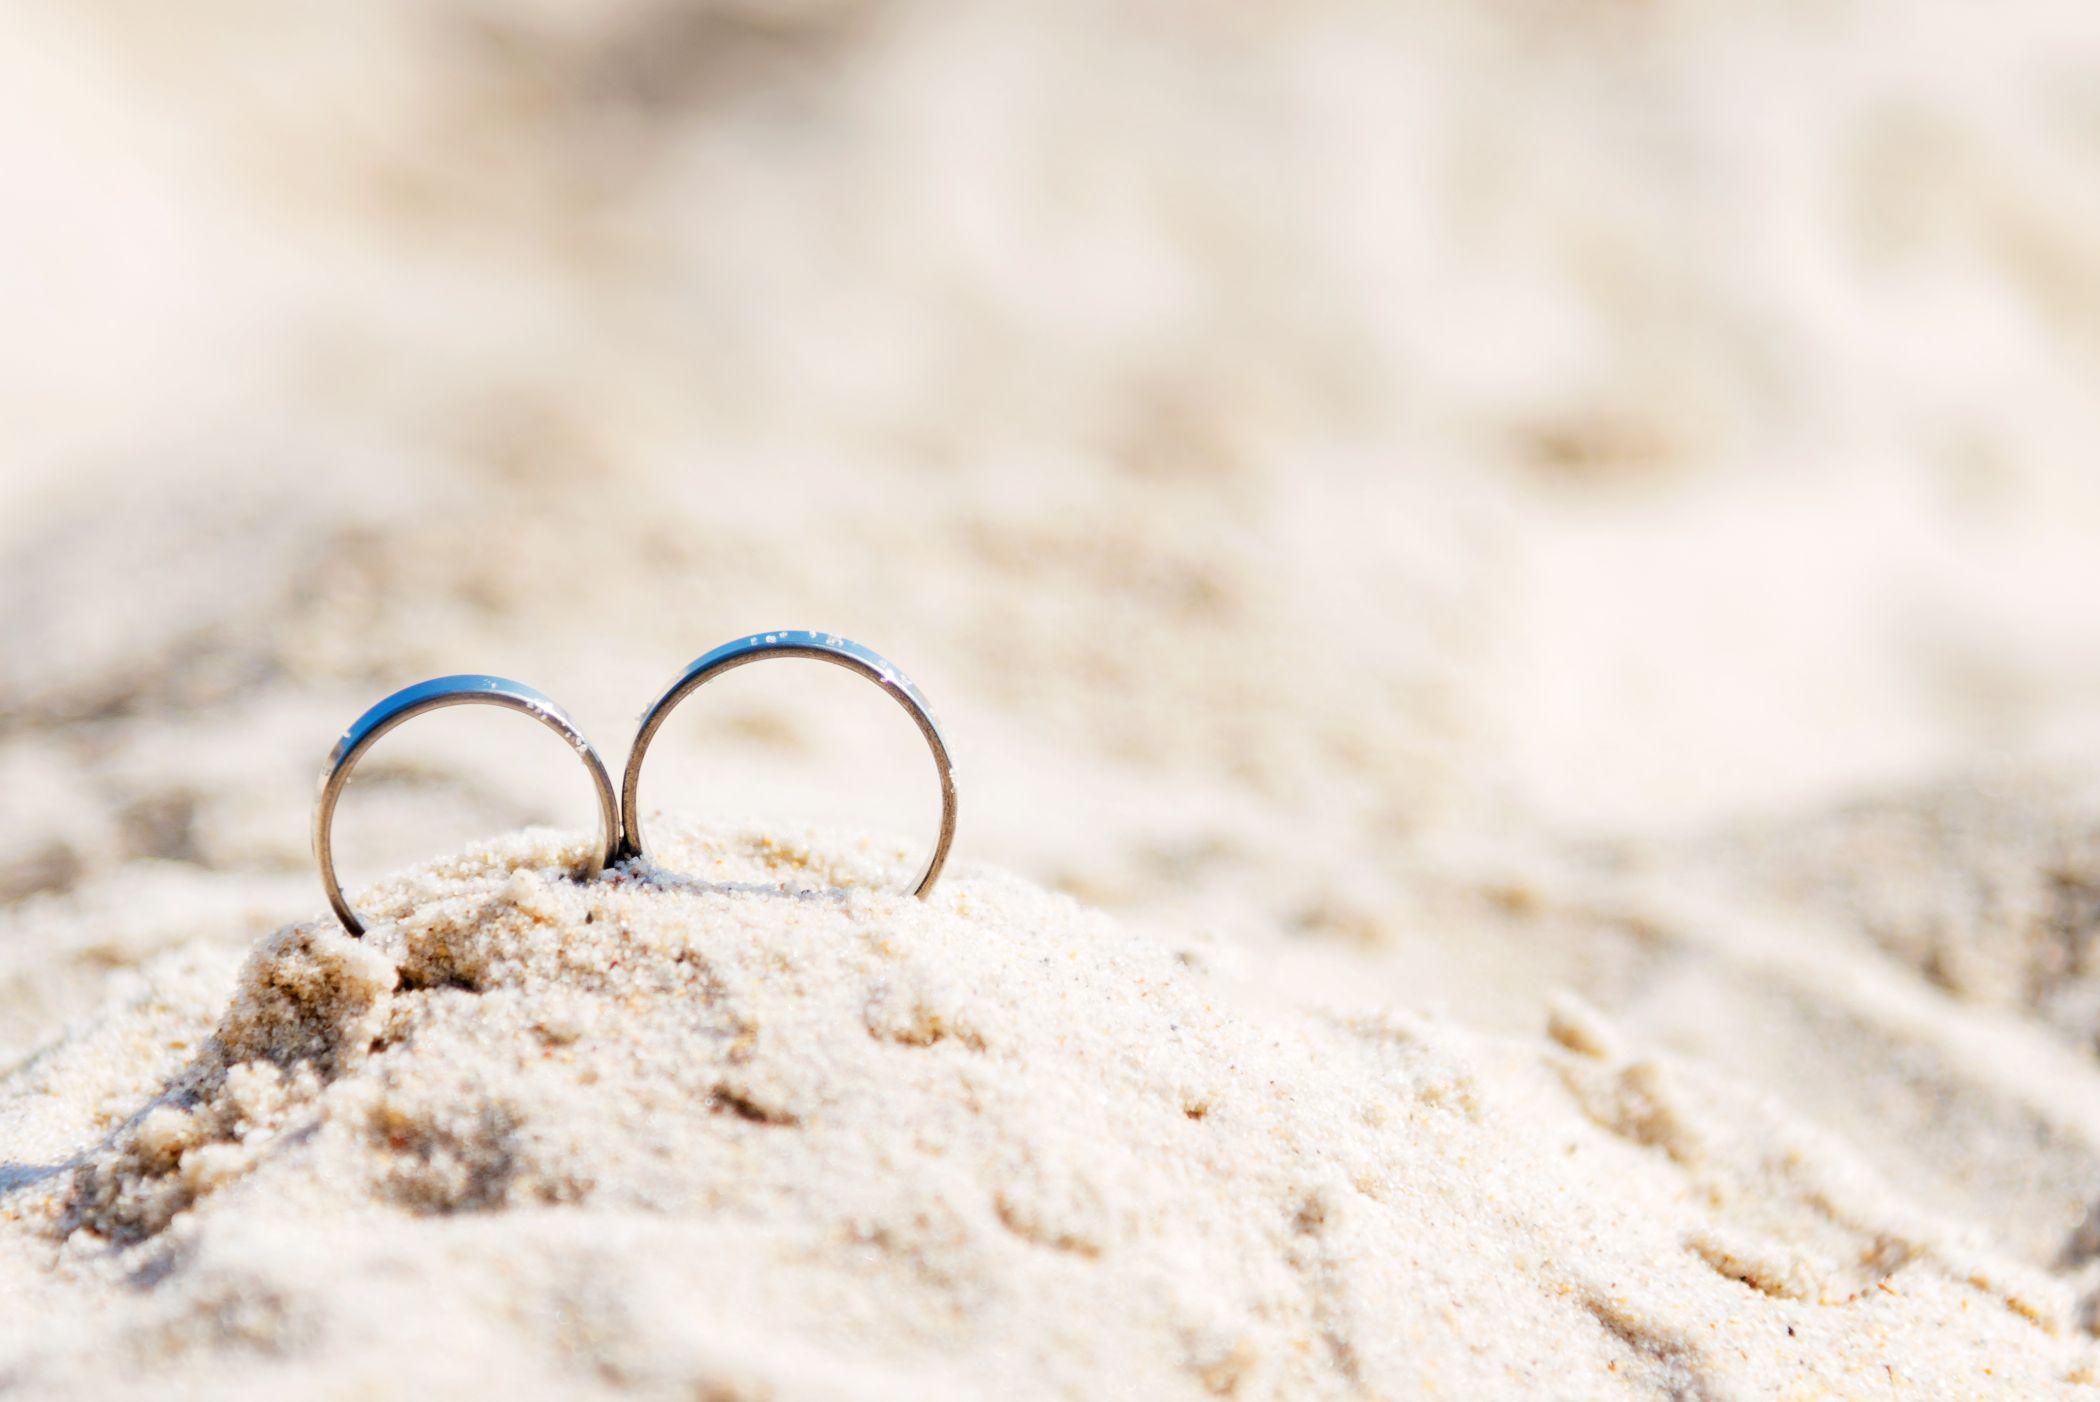 結婚タイミングはいつがベスト?逃さないポイントと具体的なきっかけ